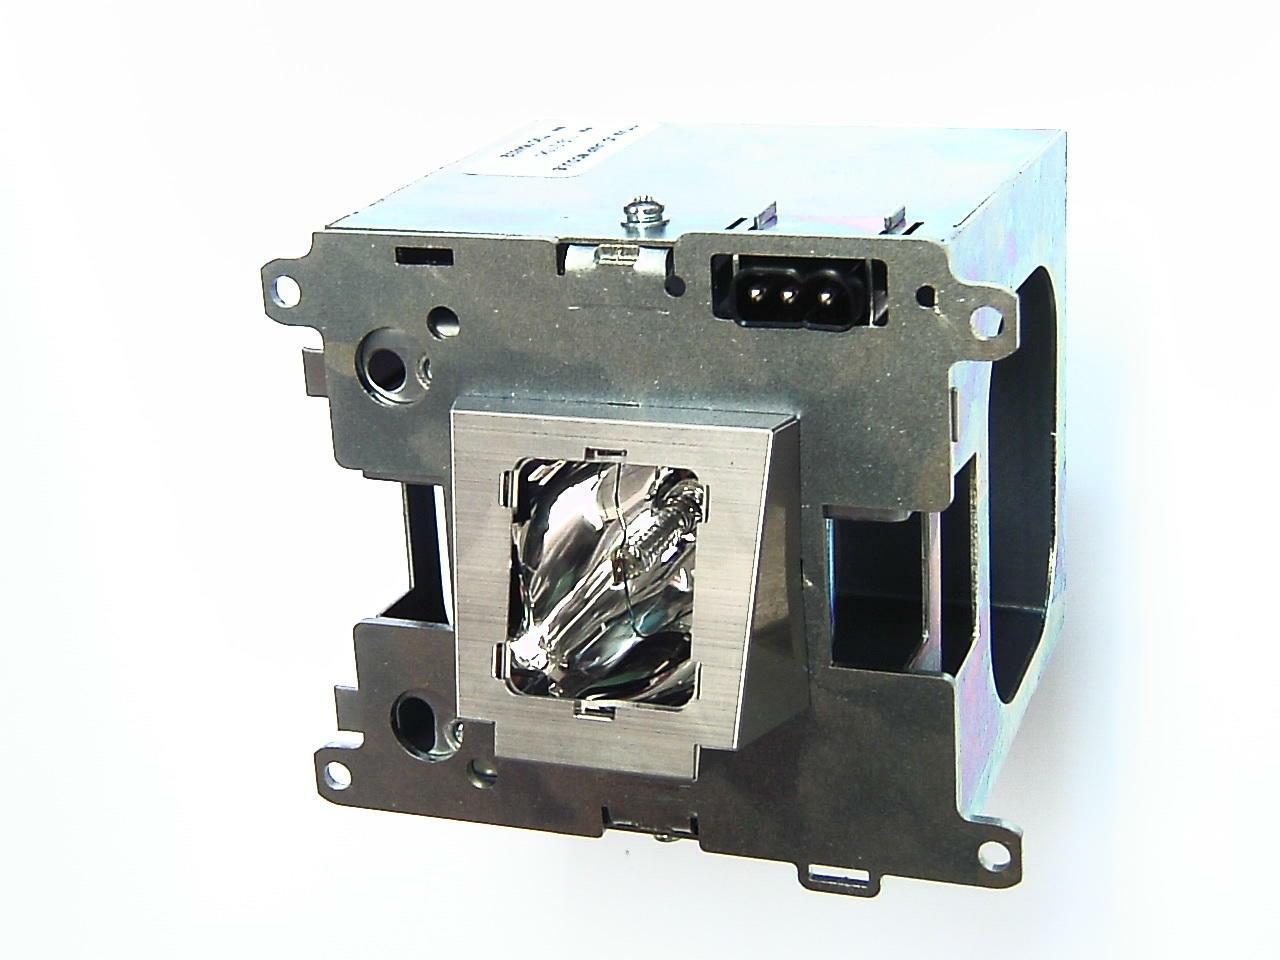 Original Dual Lámpara For DIGITAL PROJECTION TITAN 3D (dual) Proyector.